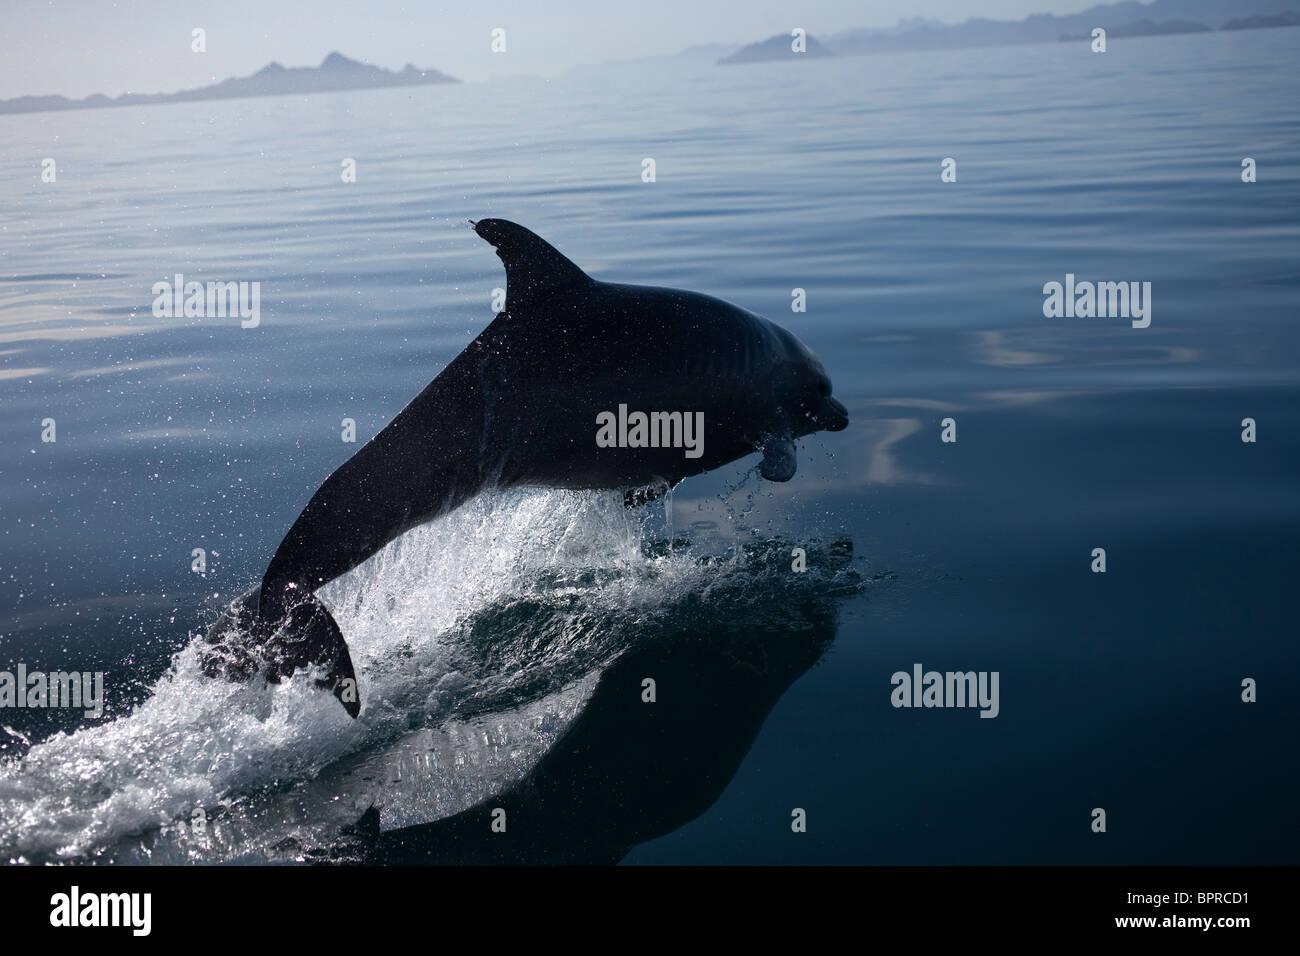 Un delfino salta nella baia vicino alla città di Loreto nel Messico meridionale della Baja California State Immagini Stock